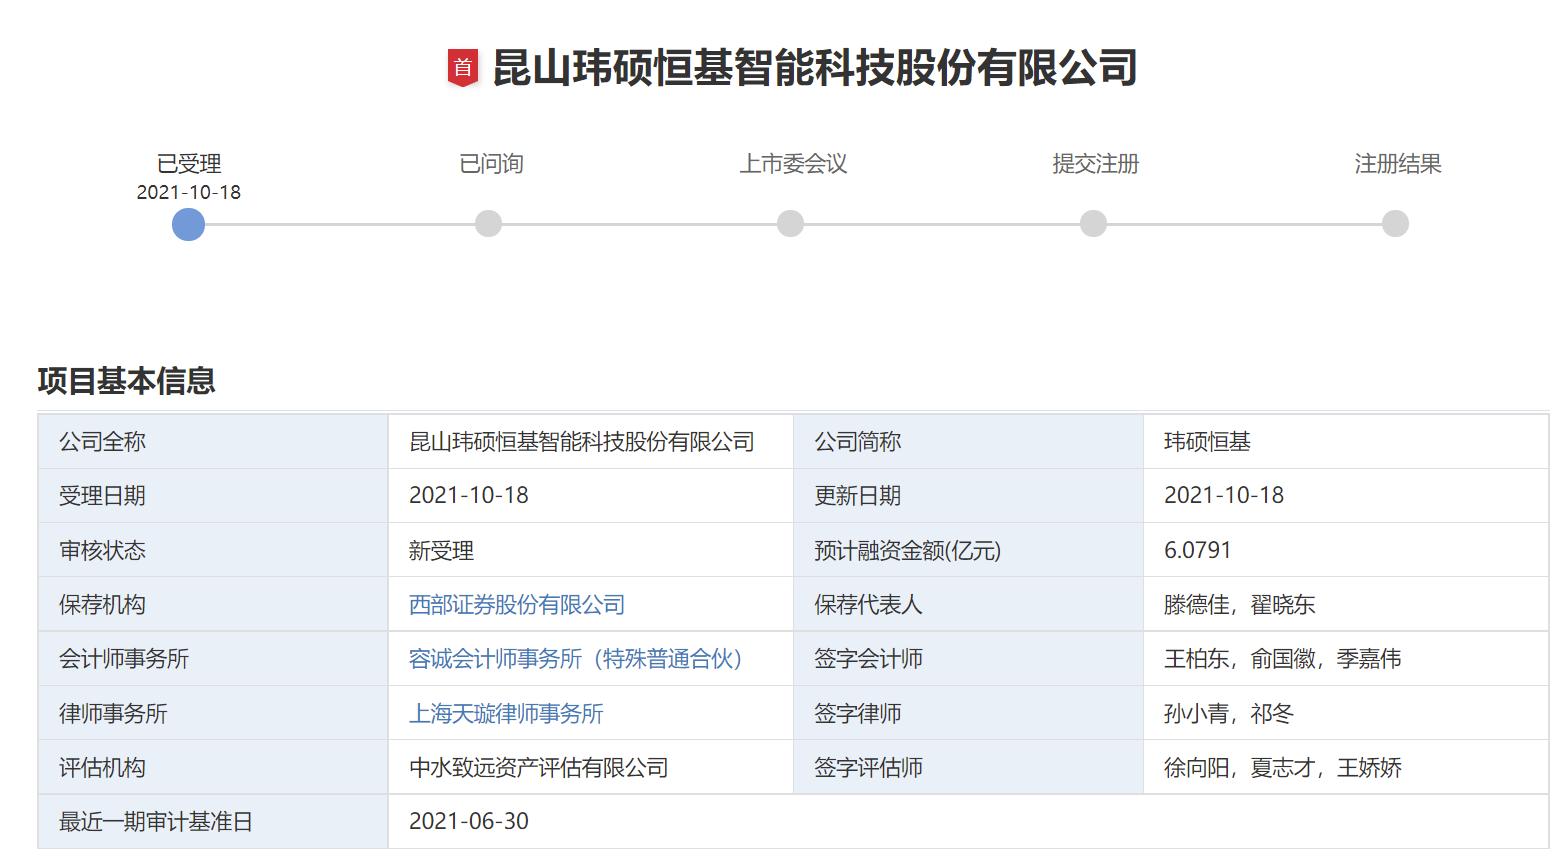 卖转轴的玮硕恒基冲刺创业板:2020年营收5.59亿 曾因信批违规董事长等被口头警示